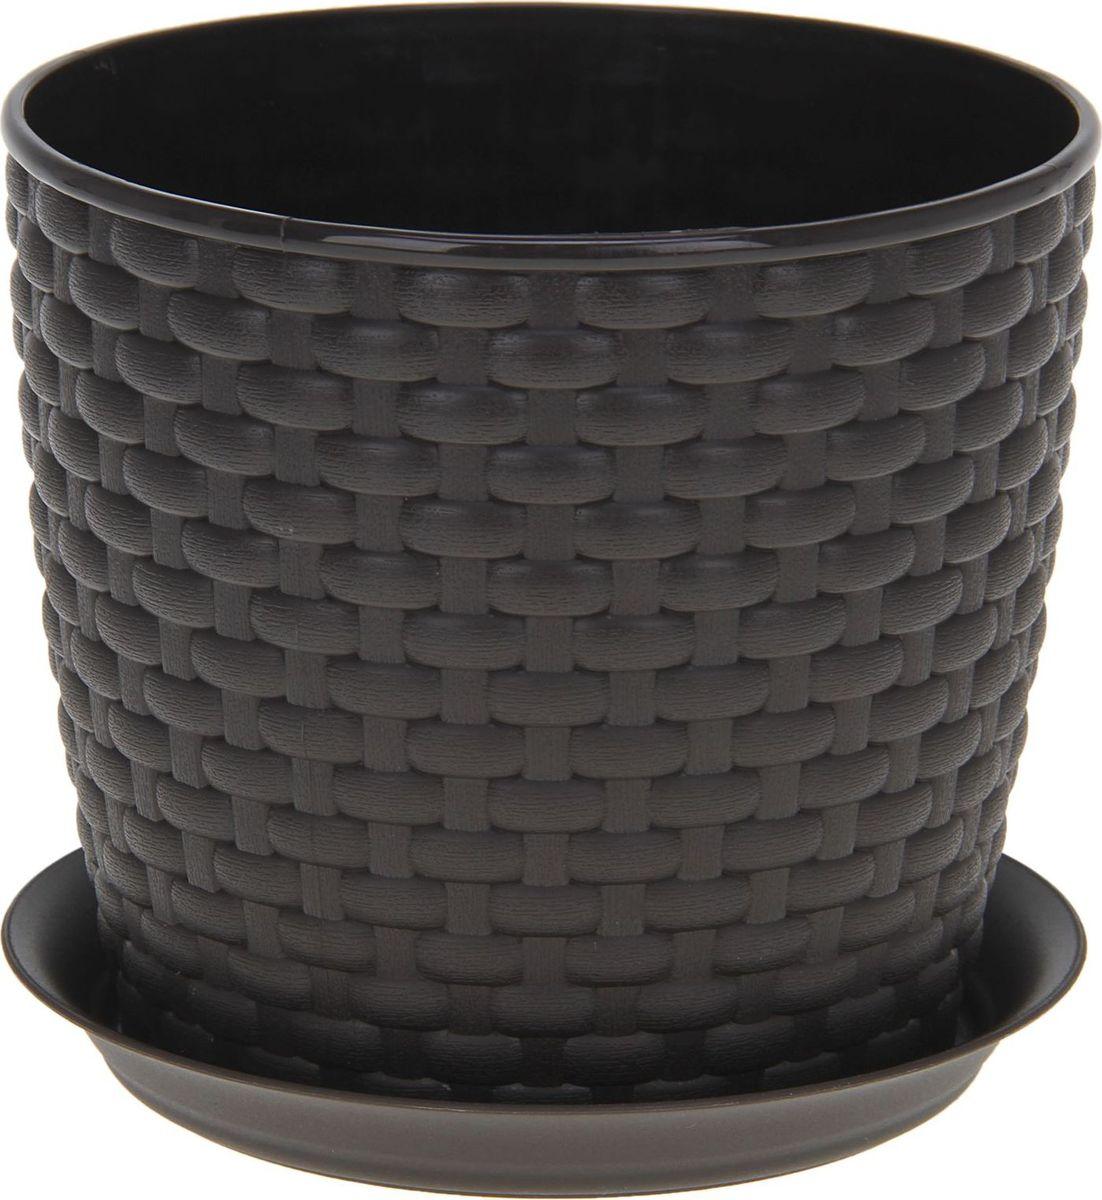 Кашпо Idea Ротанг, с поддоном, цвет: темно-коричневый, 4,7 л531-105Любой, даже самый современный и продуманный интерьер будет не завершённым без растений. Они не только очищают воздух и насыщают его кислородом, но и заметно украшают окружающее пространство. Такому полезному члену семьи просто необходимо красивое и функциональное кашпо, оригинальный горшок или необычная ваза! Мы предлагаем - Кашпо с поддоном 4,7 л Ротанг, цвет коричневый! Оптимальный выбор материала пластмасса! Почему мы так считаем? -Малый вес. С лёгкостью переносите горшки и кашпо с места на место, ставьте их на столики или полки, подвешивайте под потолок, не беспокоясь о нагрузке. -Простота ухода. Пластиковые изделия не нуждаются в специальных условиях хранения. Их легко чистить достаточно просто сполоснуть тёплой водой. -Никаких царапин. Пластиковые кашпо не царапают и не загрязняют поверхности, на которых стоят. -Пластик дольше хранит влагу, а значит растение реже нуждается в поливе. -Пластмасса не пропускает воздух корневой системе растения не грозят резкие перепады температур. -Огромный выбор форм, декора и расцветок вы без труда подберёте что-то, что идеально впишется в уже существующий интерьер. Соблюдая нехитрые правила ухода, вы можете заметно продлить срок службы горшков, вазонов и кашпо из пластика: -всегда учитывайте размер кроны и корневой системы растения (при разрастании большое растение способно повредить маленький горшок)-берегите изделие от воздействия прямых солнечных лучей, чтобы кашпо и горшки не выцветали-держите кашпо и горшки из пластика подальше от нагревающихся поверхностей. Создавайте прекрасные цветочные композиции, выращивайте рассаду или необычные растения, а низкие цены позволят вам не ограничивать себя в выборе.